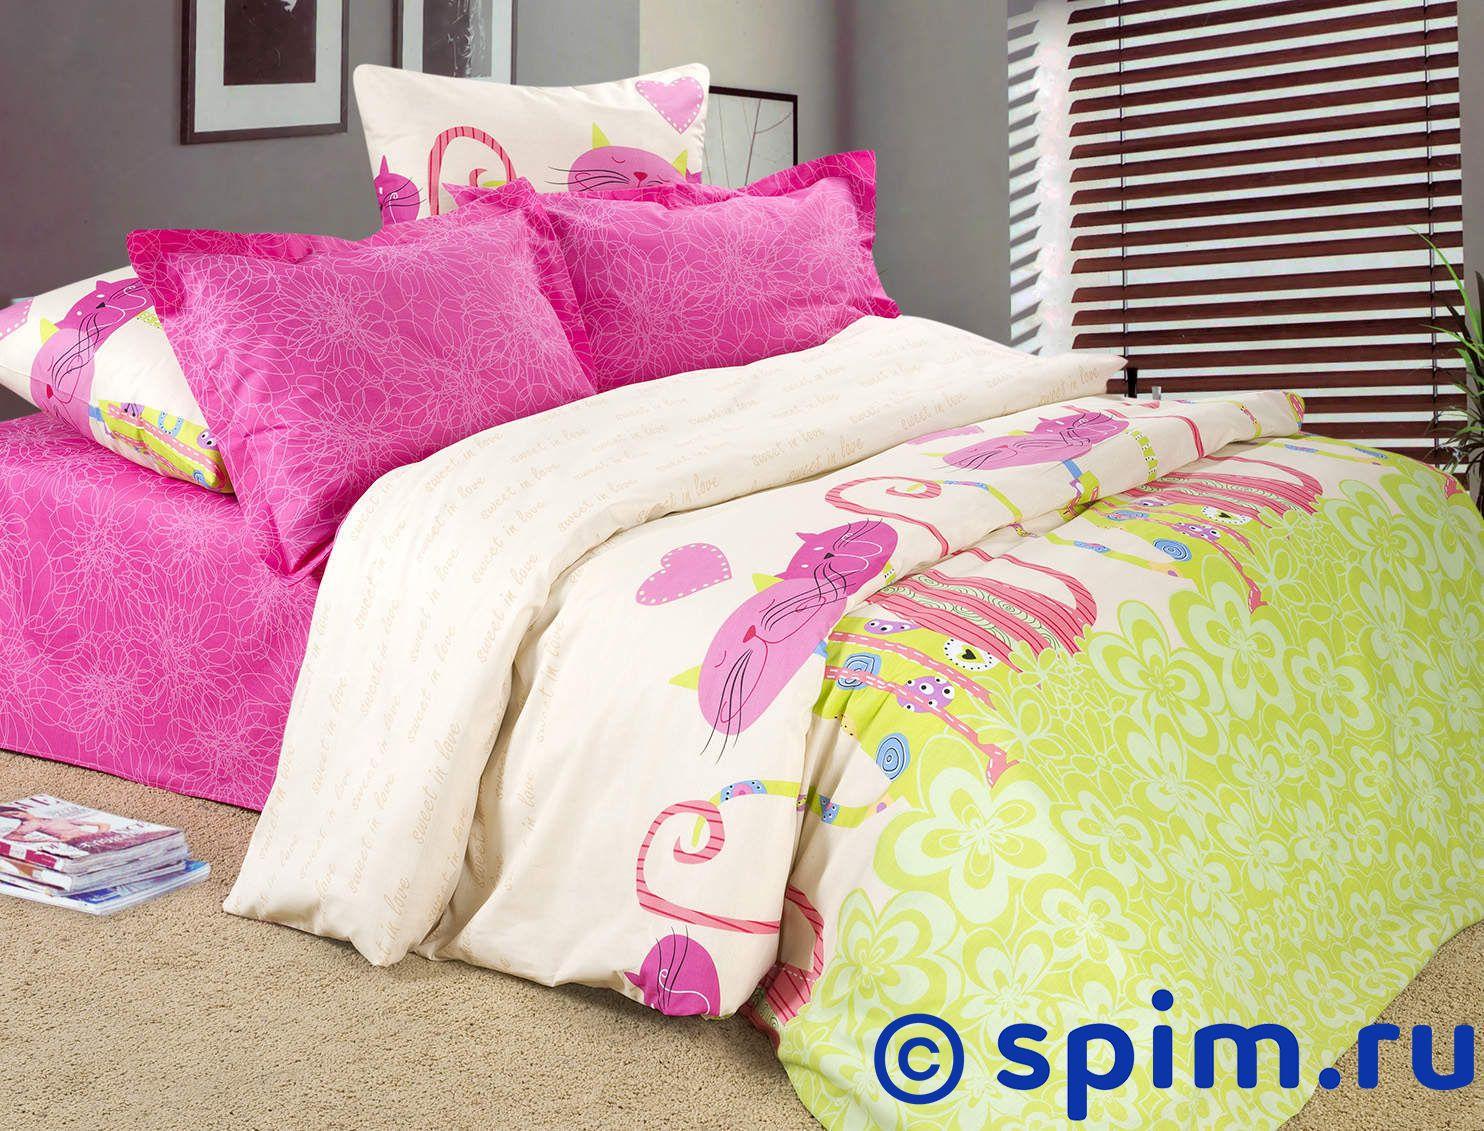 Комплект Адель Сладкая парочкаДетское постельное белье Адель<br>Материал: 100% хлопок, поплин. Плотность, г/м2: 105.<br>